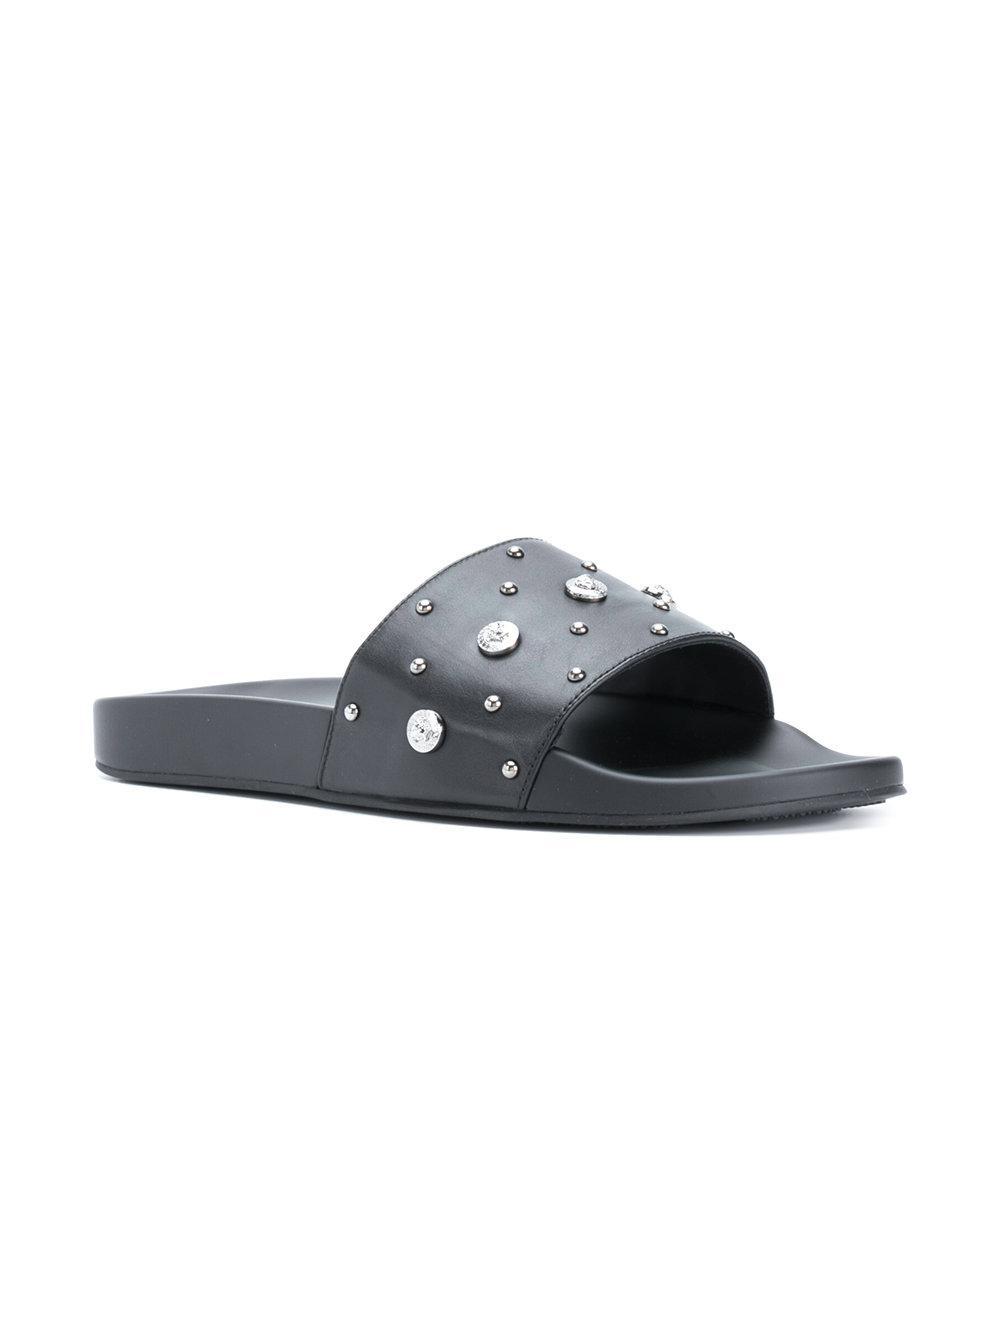 ab04915aa6c59 Lyst - Versace Studded Medusa Slides in Black for Men